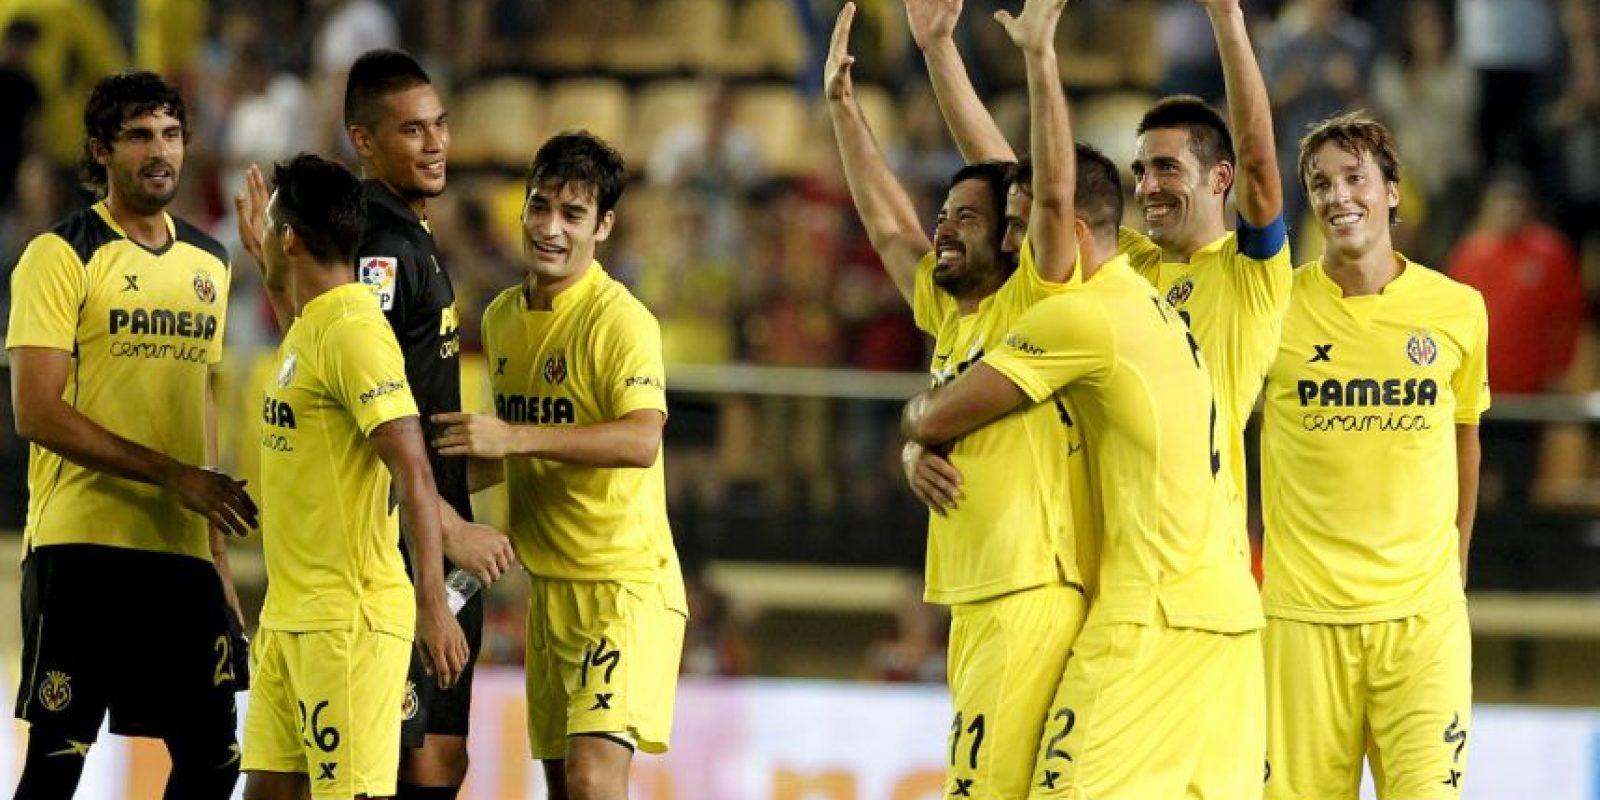 """Con 16 puntos, el """"Submarino Amarillo"""" es el líder único de la Liga BBVA. Los hombres de Marcelino García Toral están invictos con cinco victorias y un empate. Foto:AFP"""